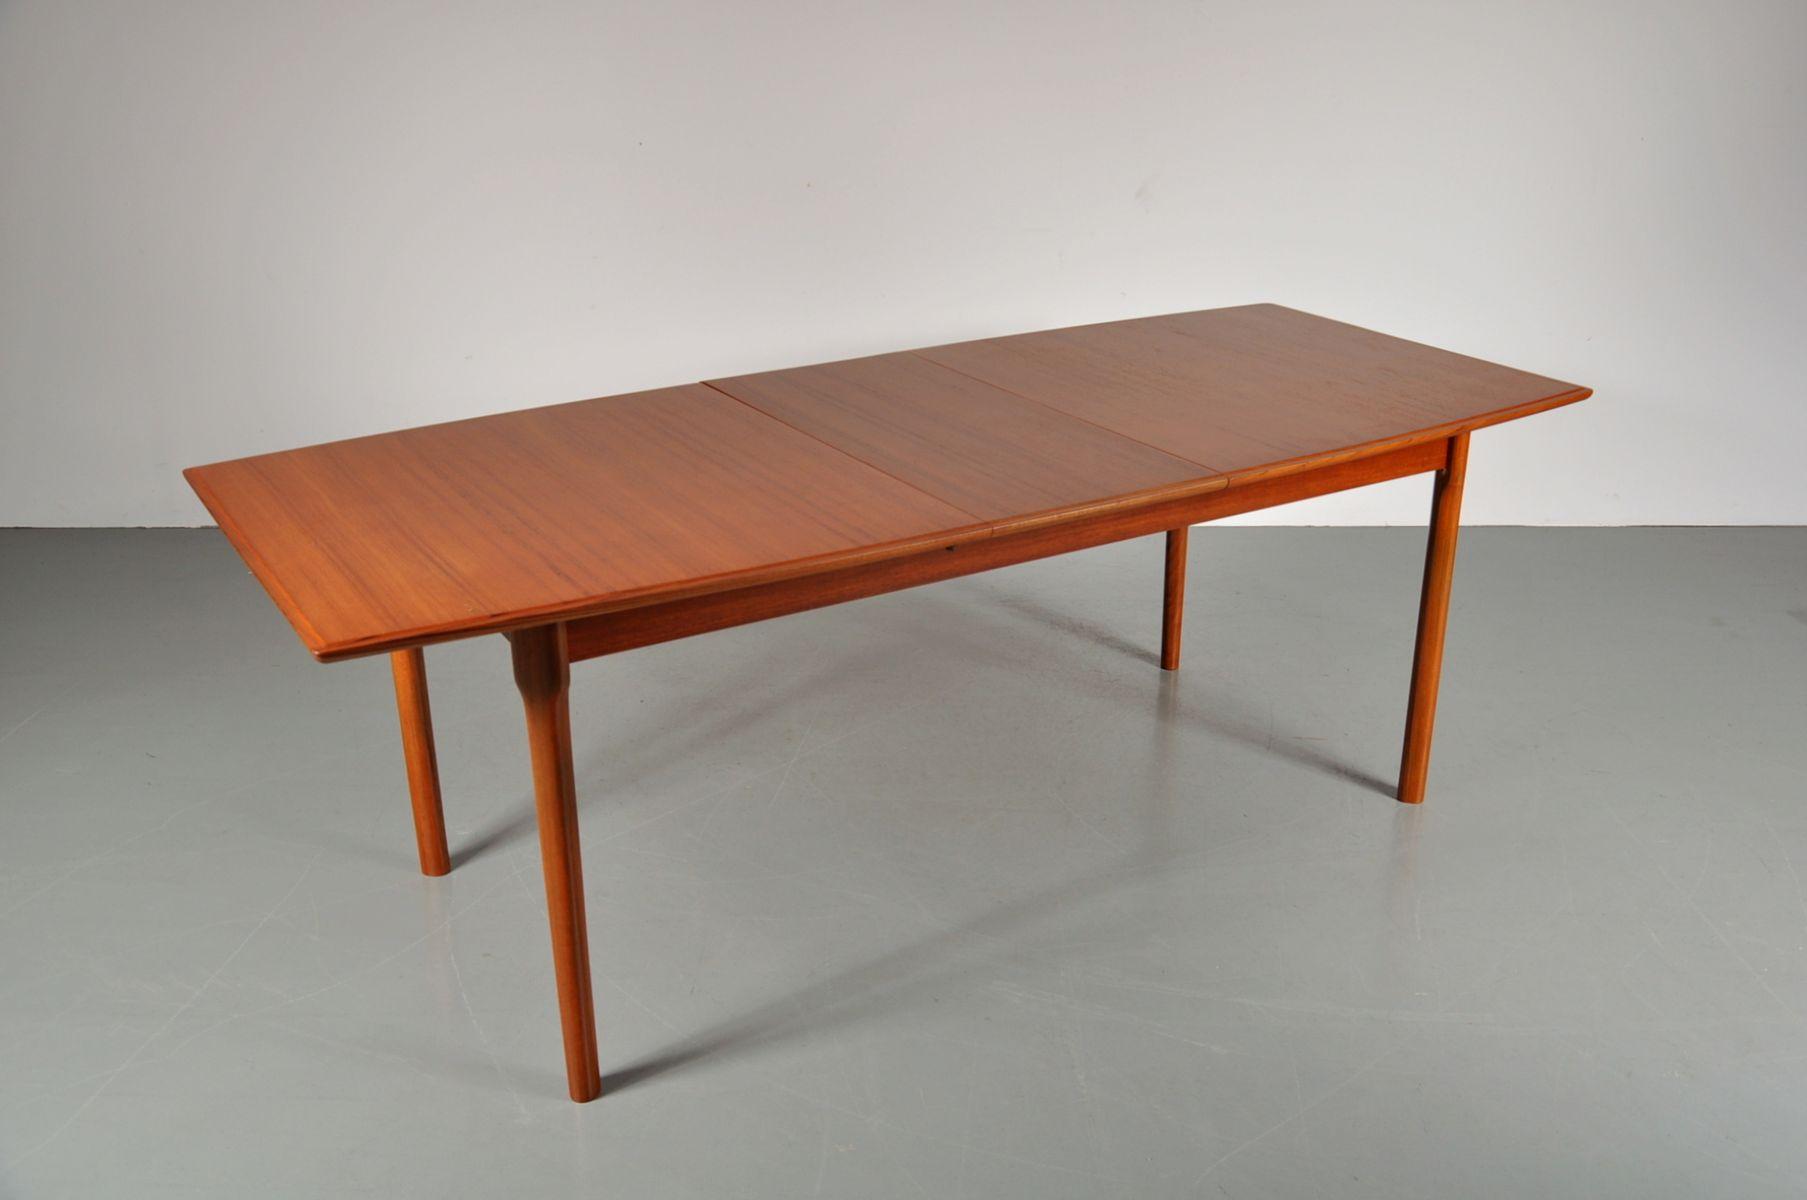 esstisch teak vintage 231243 neuesten ideen f r die. Black Bedroom Furniture Sets. Home Design Ideas